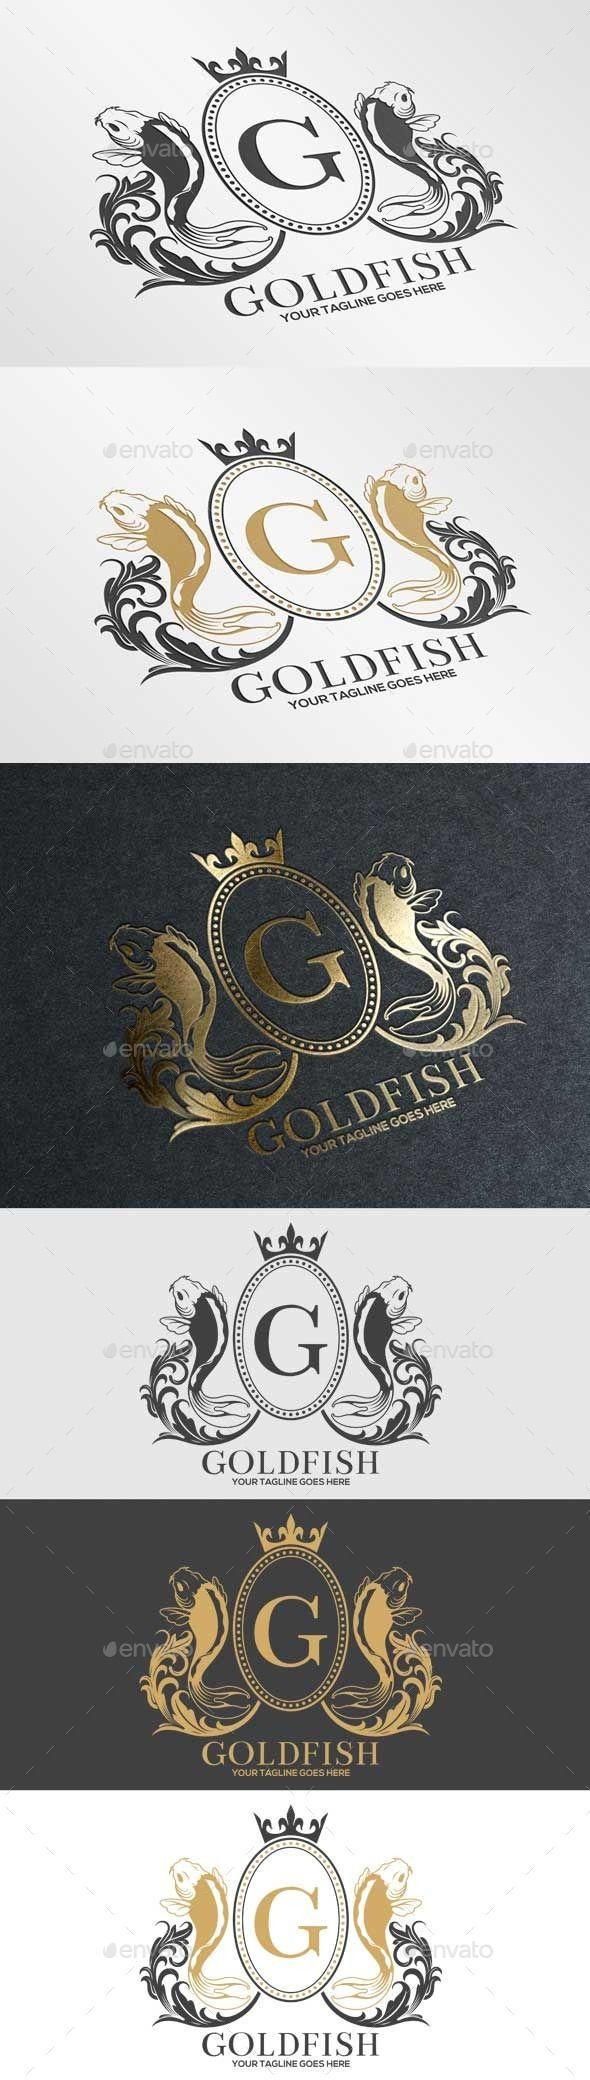 Goldfish Goldfish Create Logo Design Goldfish Types